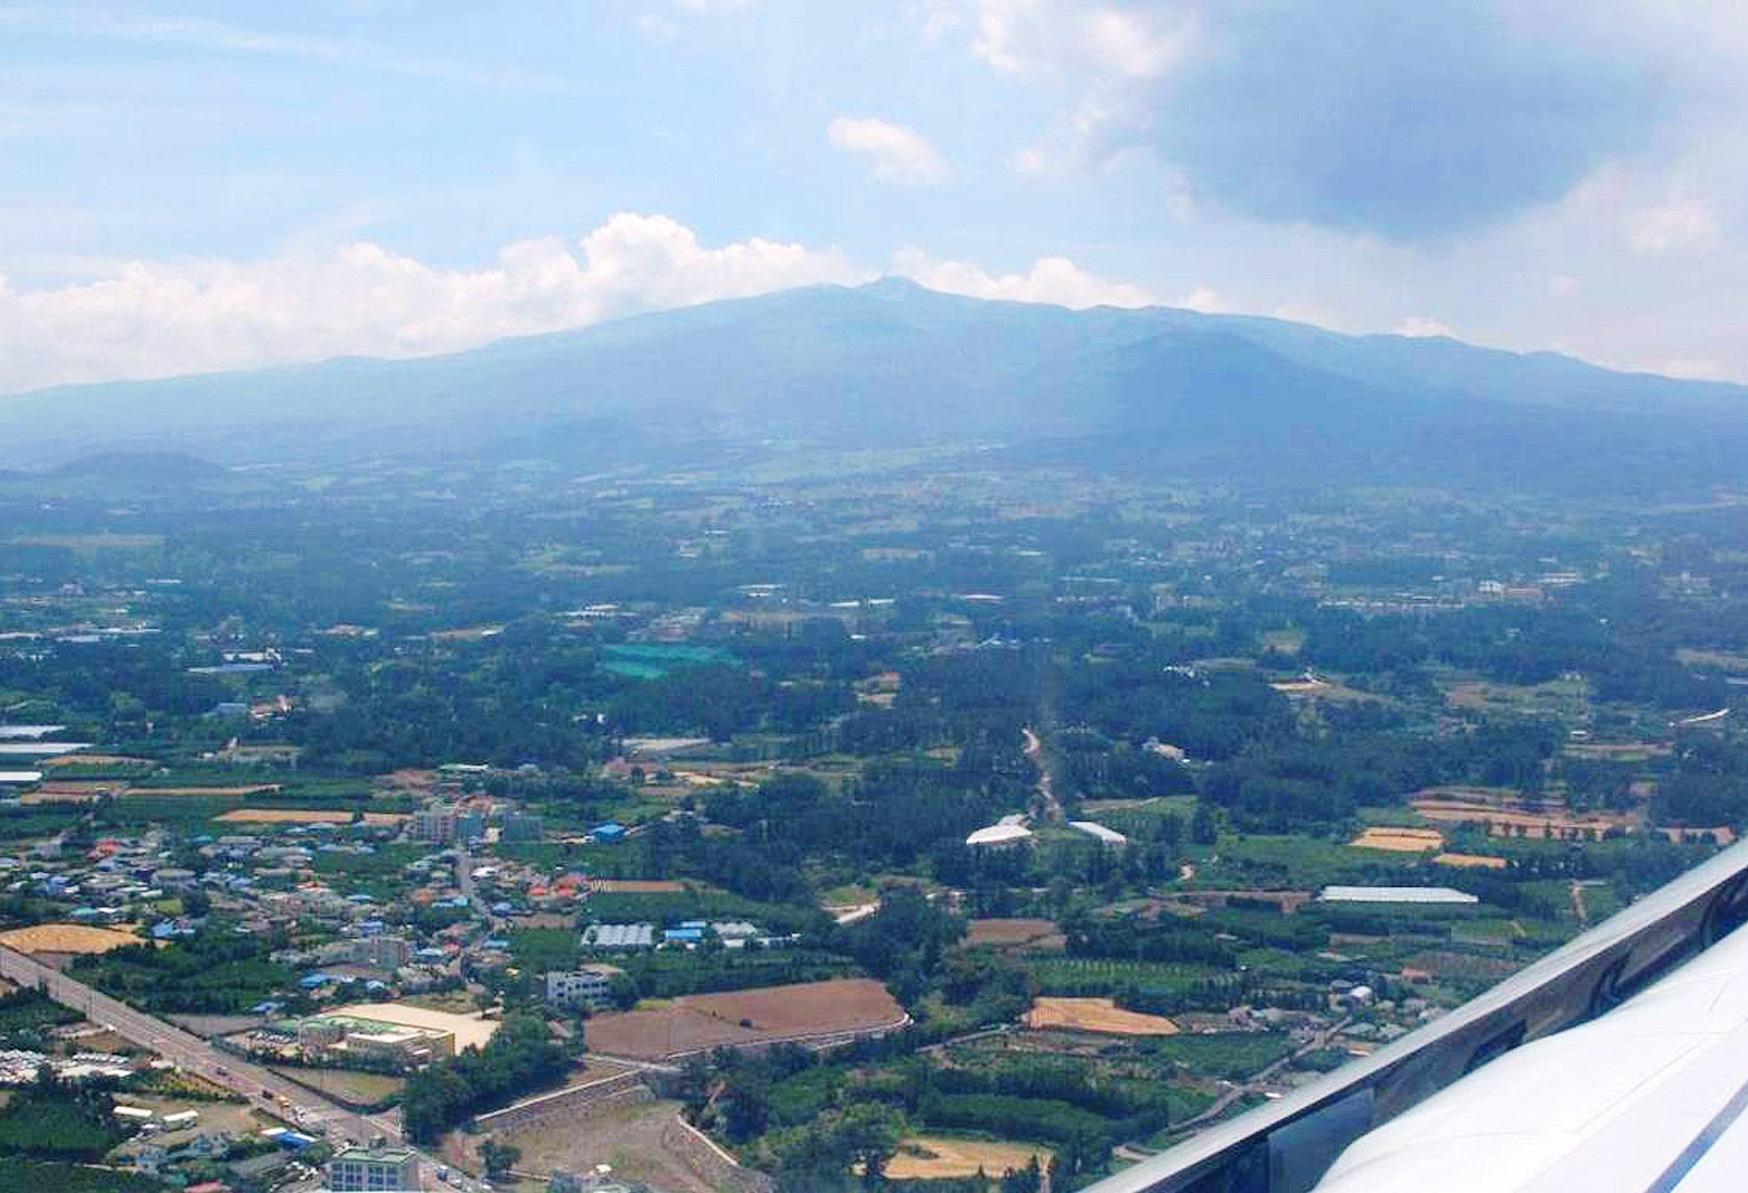 韓国最高峰 漢拏山(1,950m)